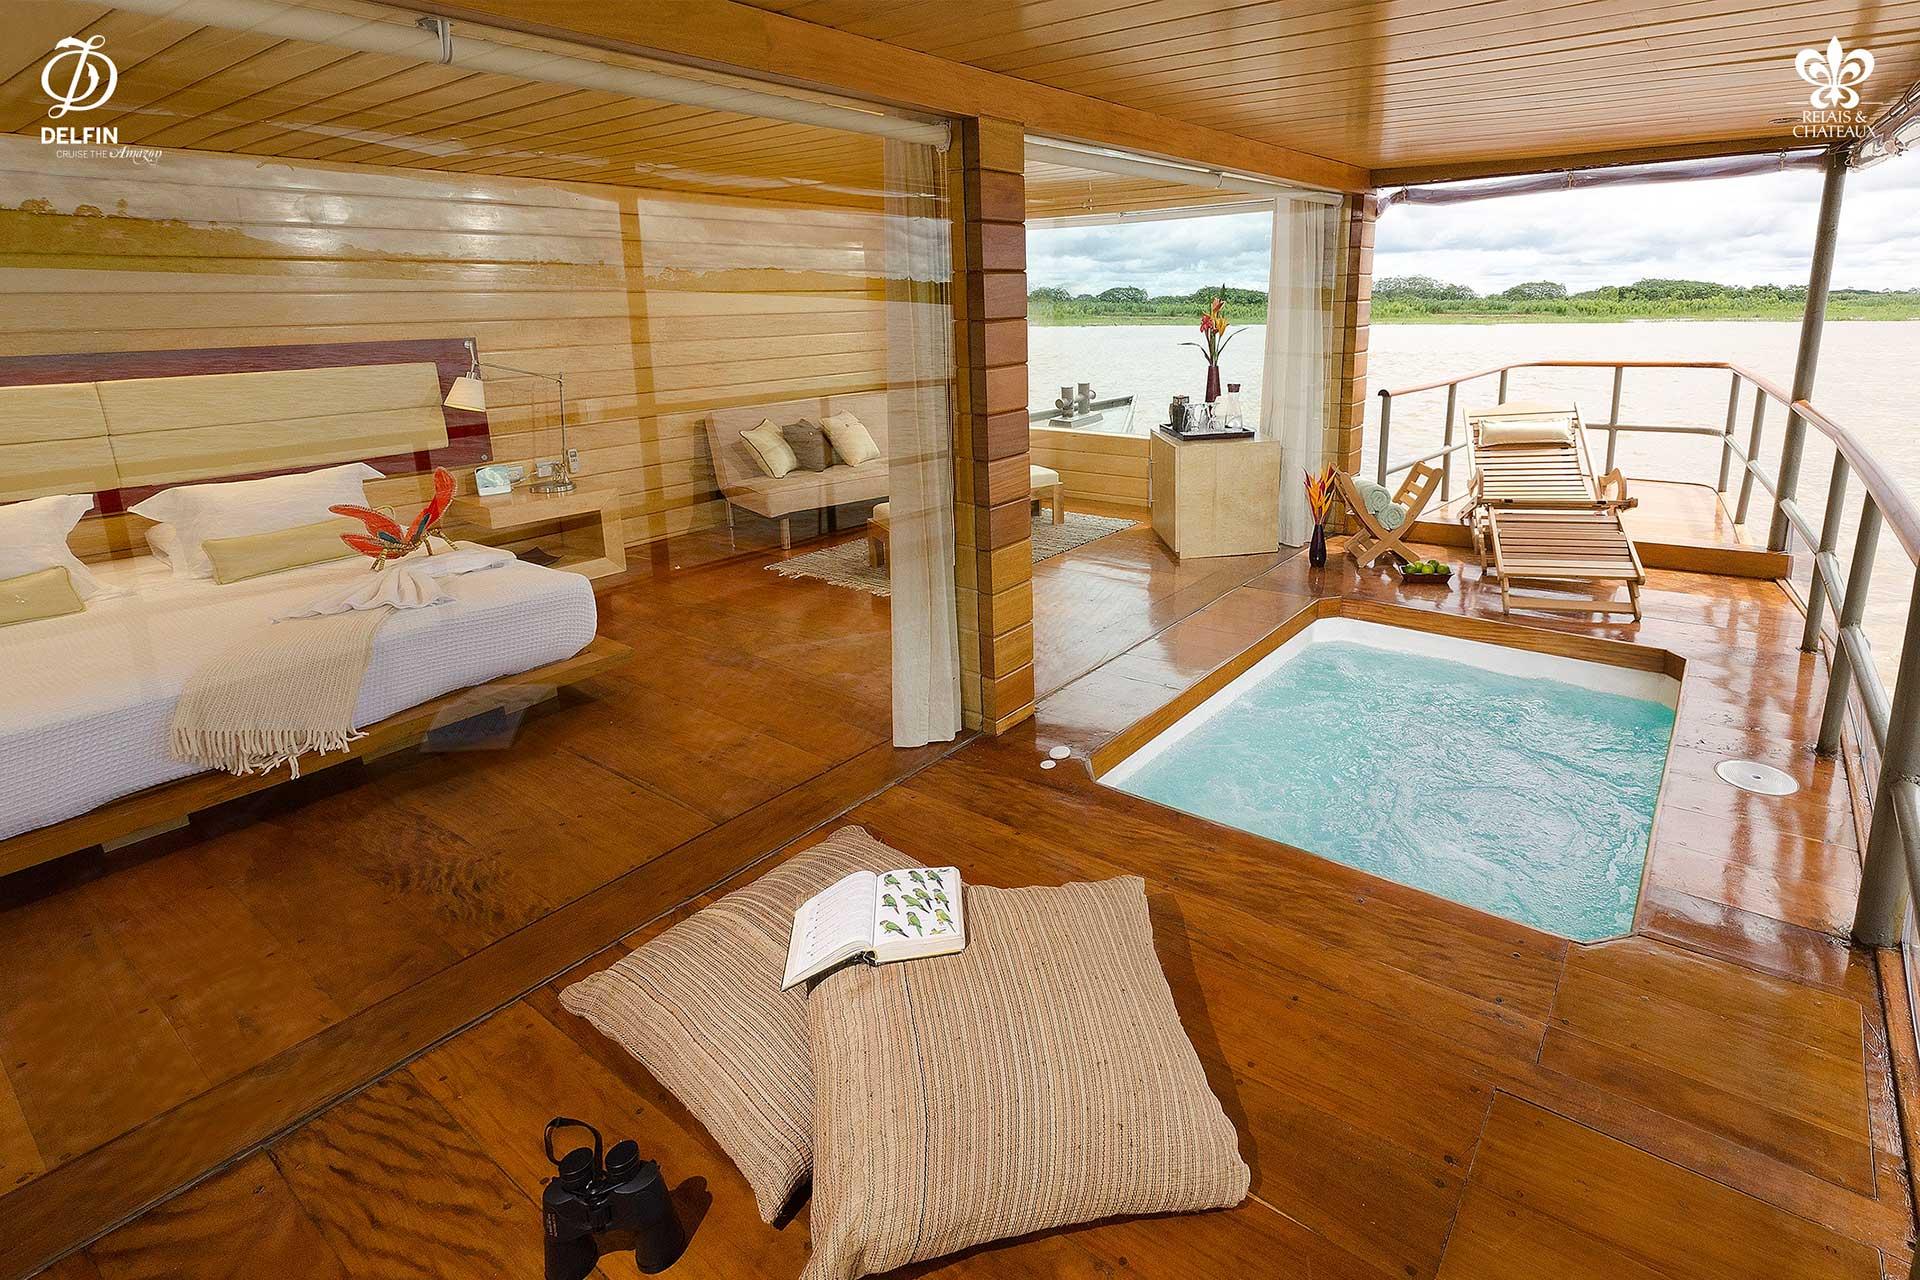 Meet the Luxury Amazon Cruise